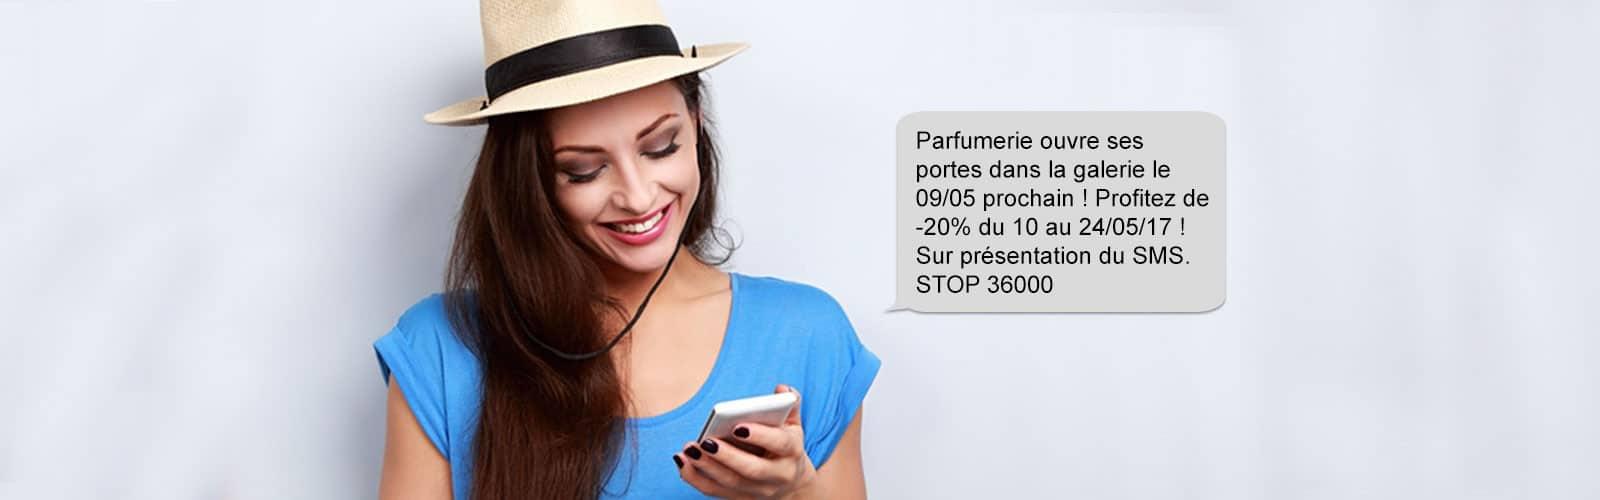 Comment communiquer par SMS lors d'une ouverture de magasin ?